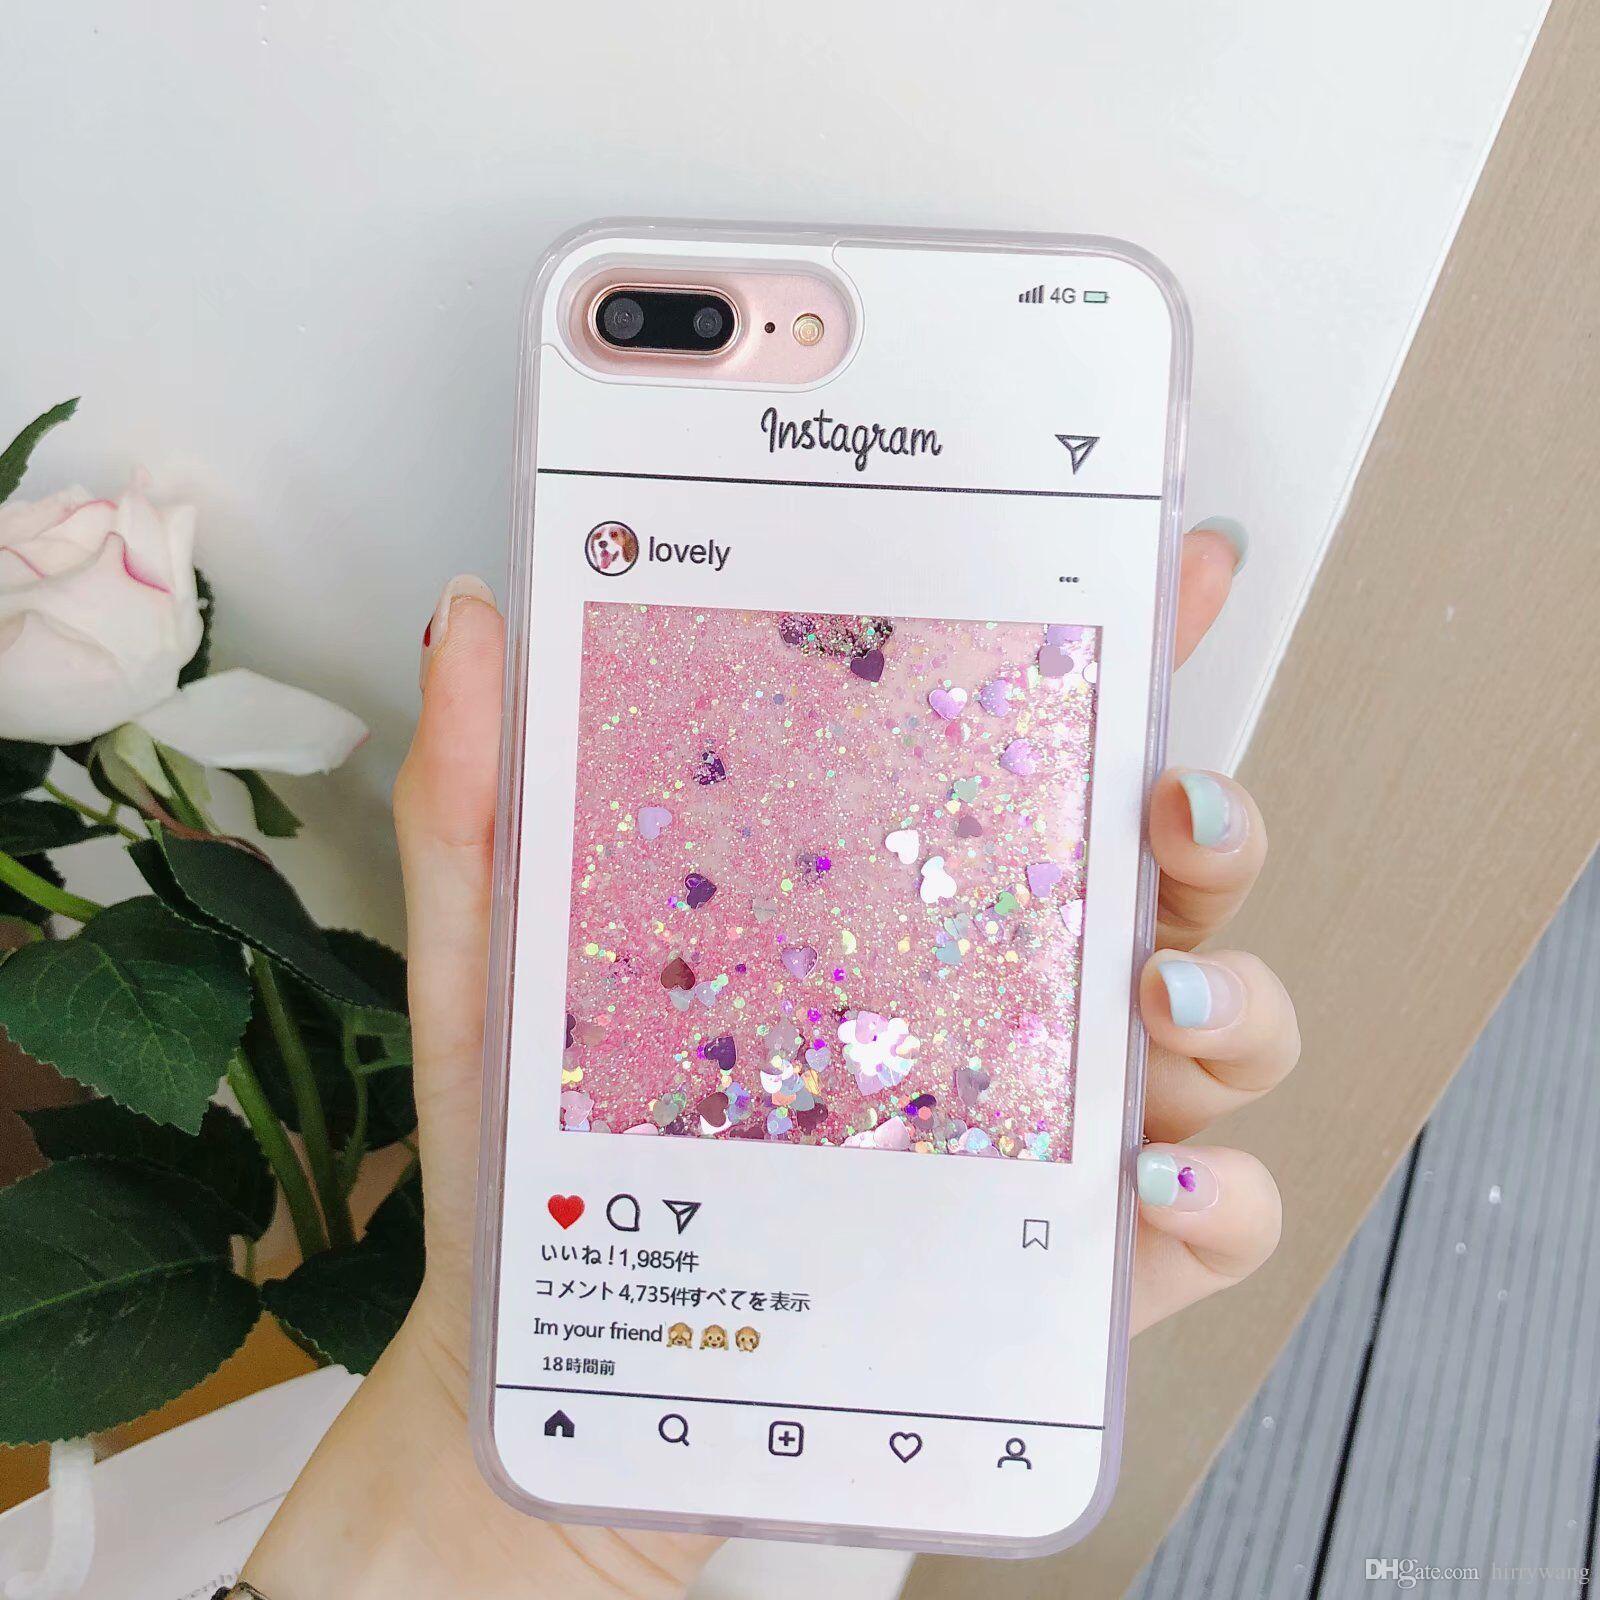 iphone 8 case instagram